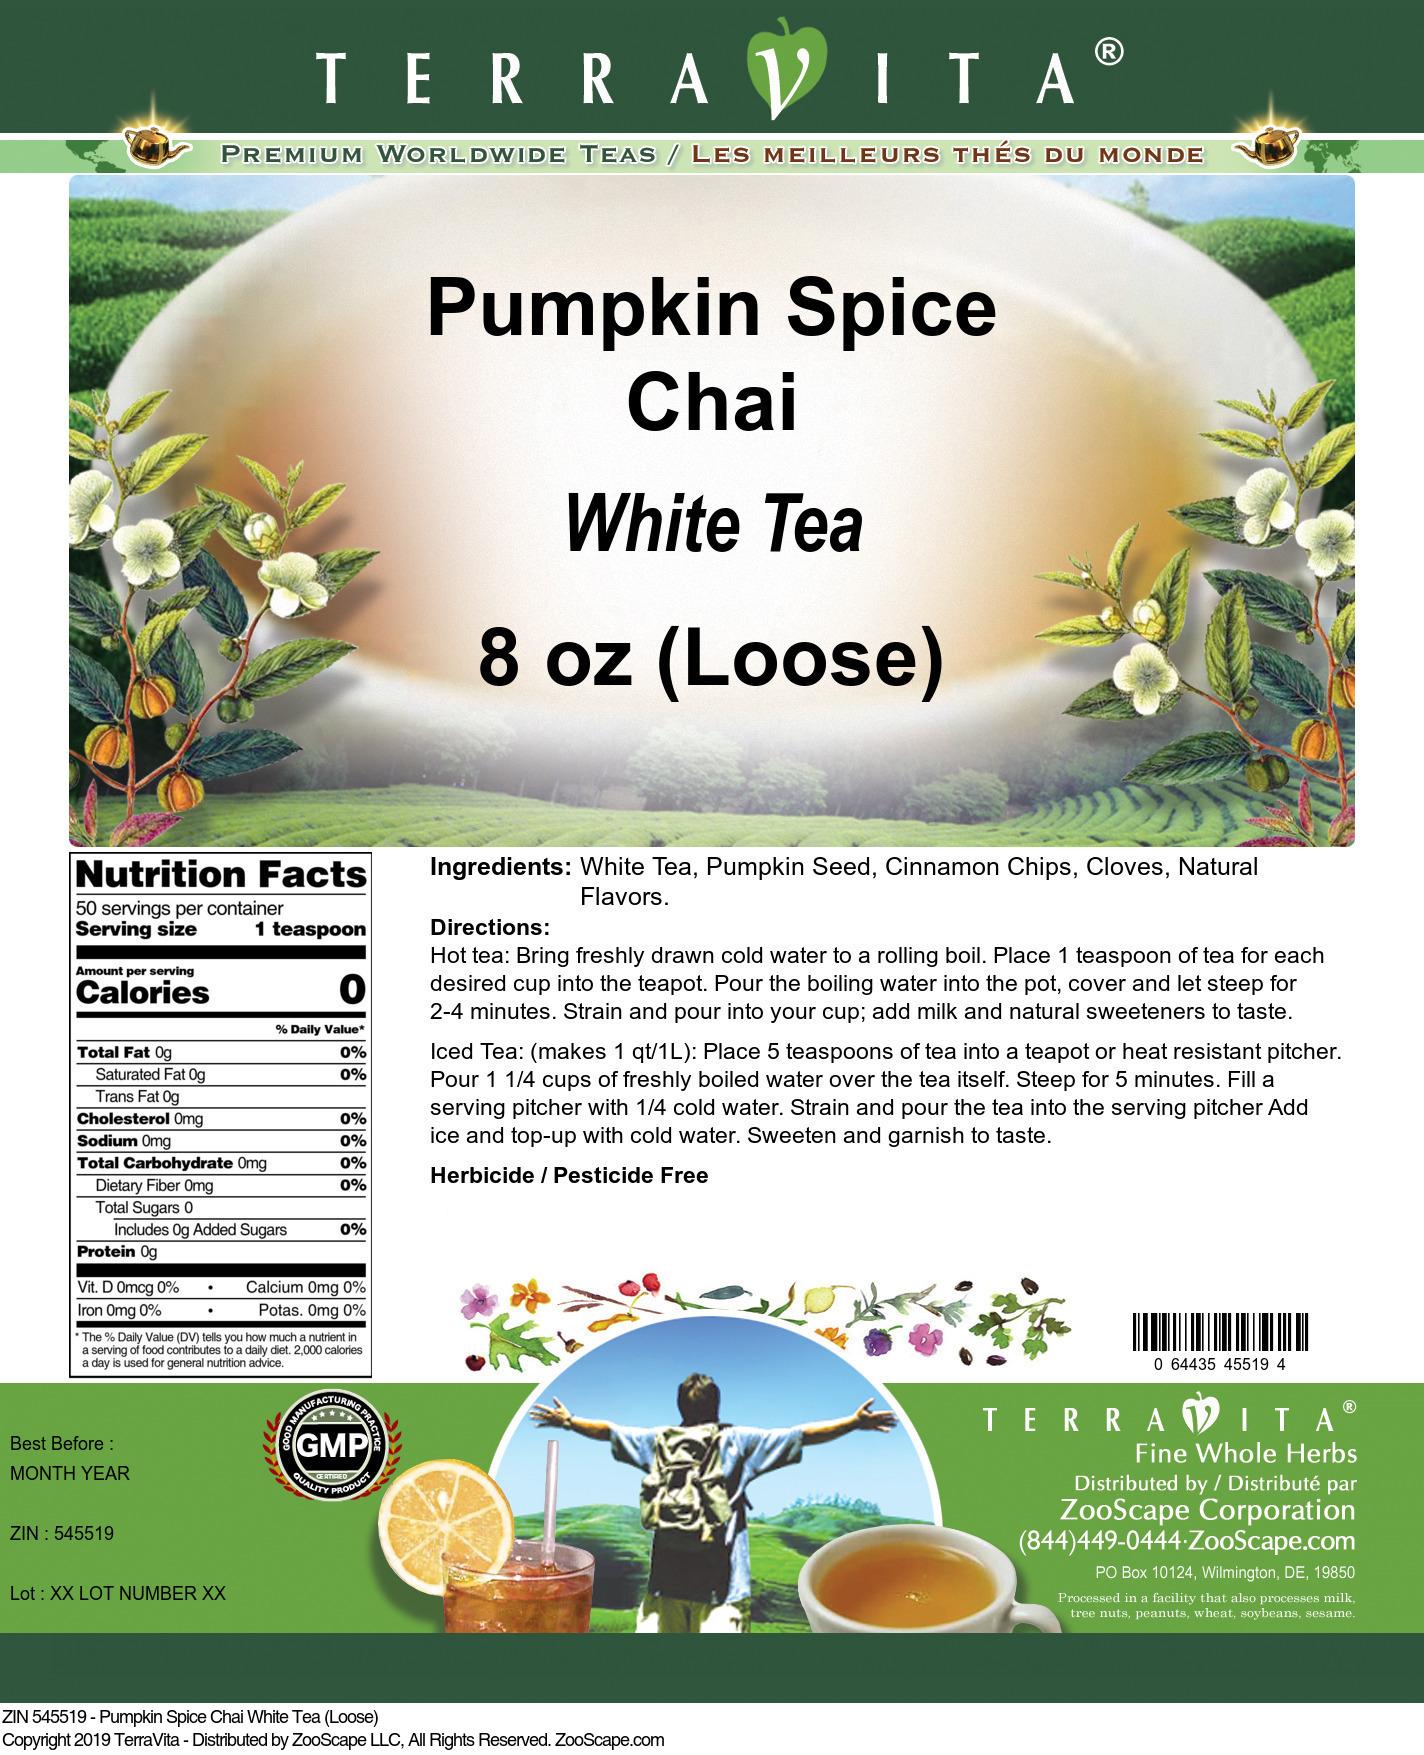 Pumpkin Spice Chai White Tea (Loose)